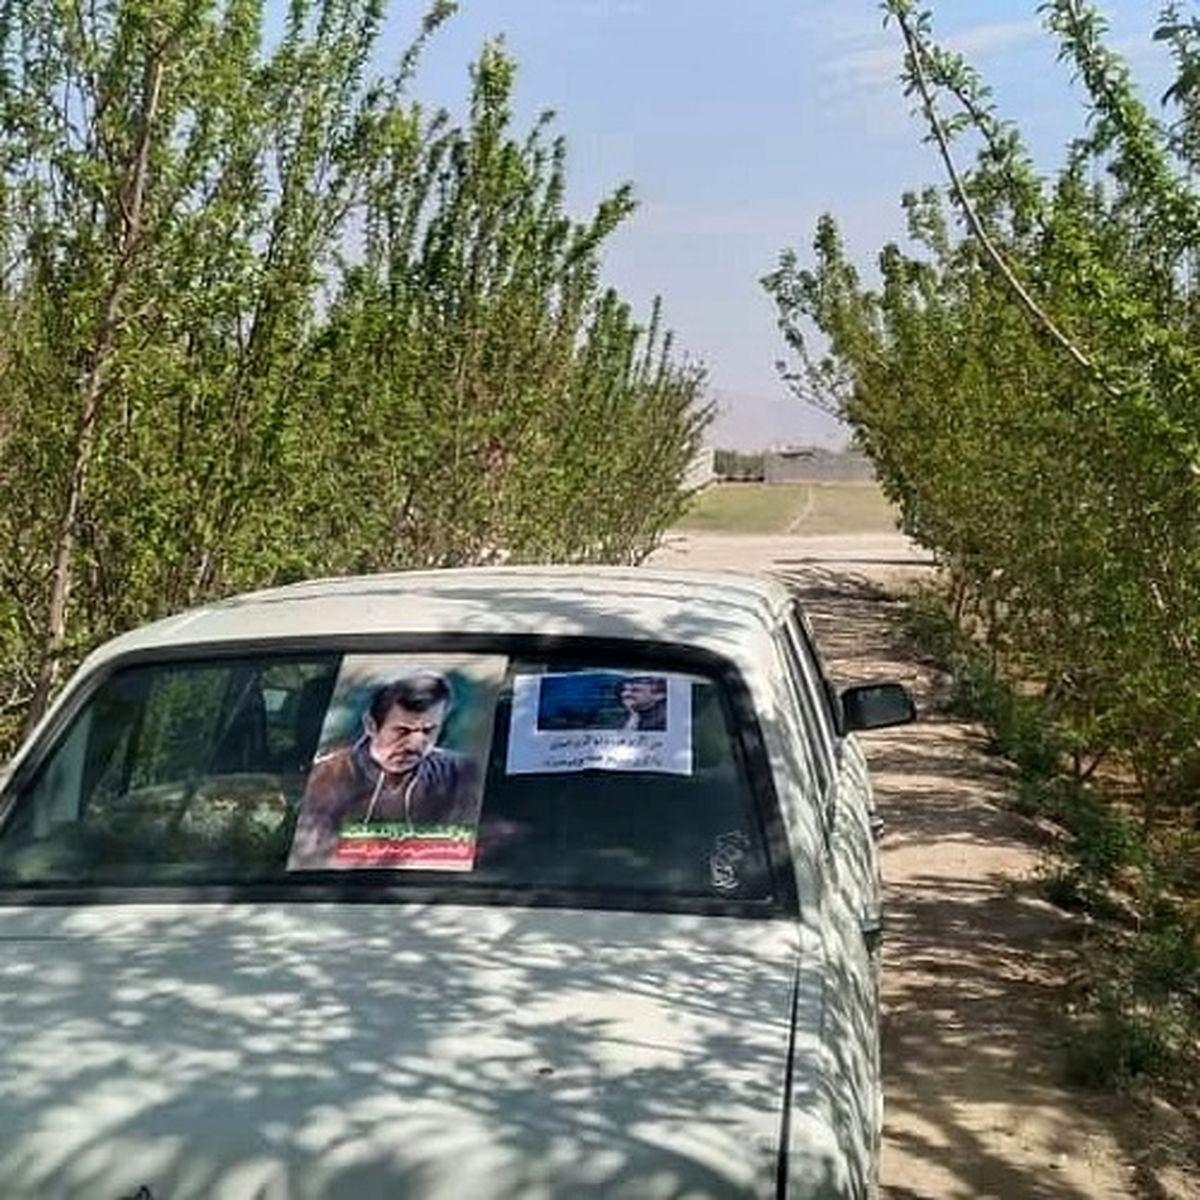 تبلیغات احمدینژادیها به شیشه خودروها رسید + عکس